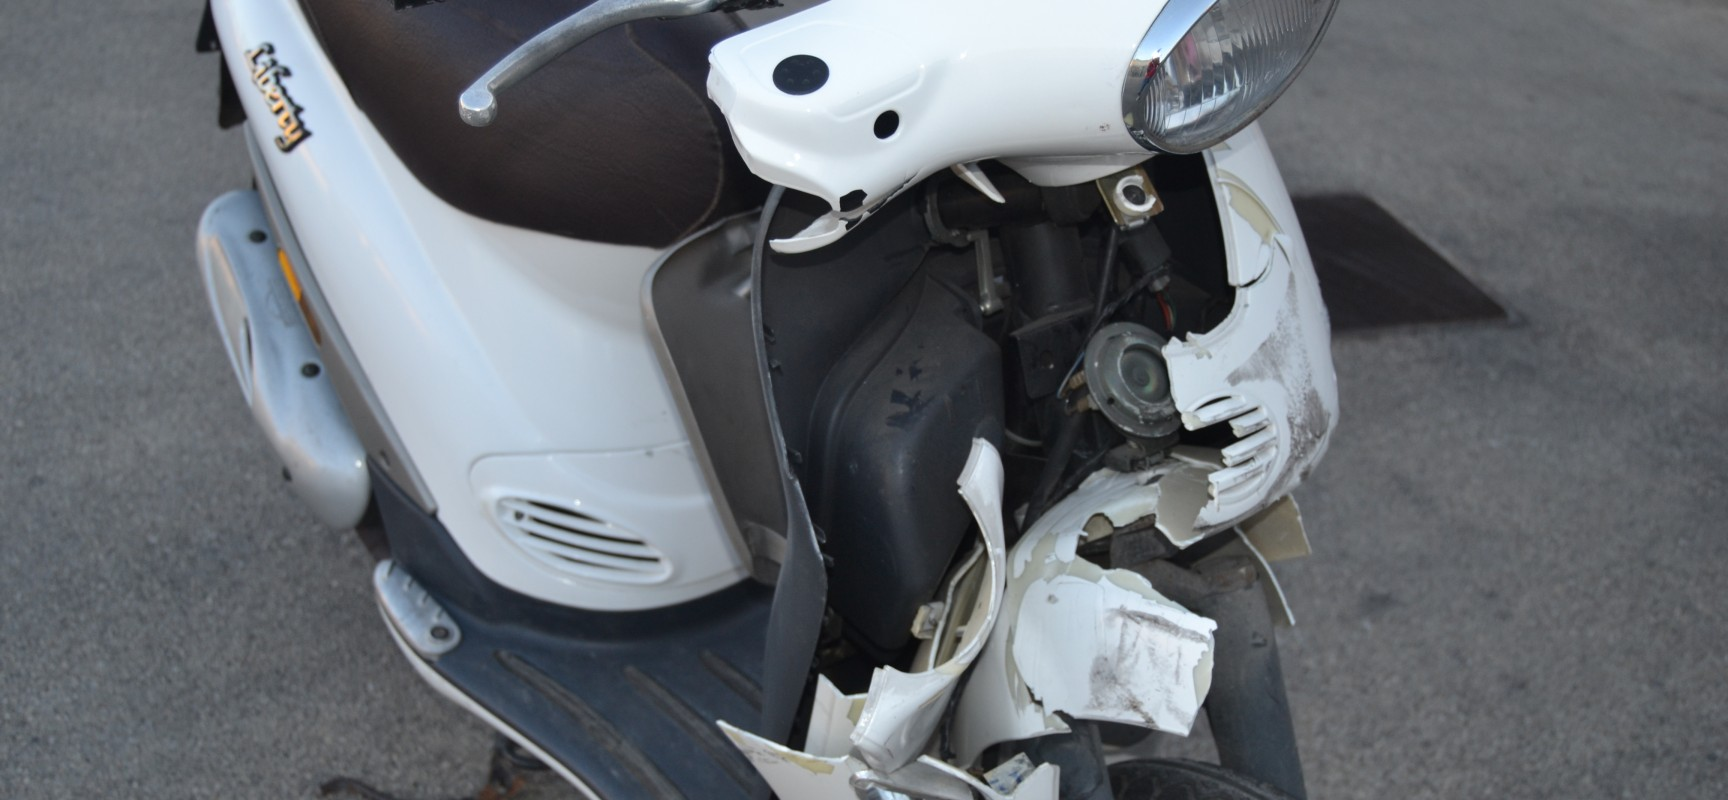 Violento impatto tra un ciclomotore ed un furgone su via Ugo la Malfa